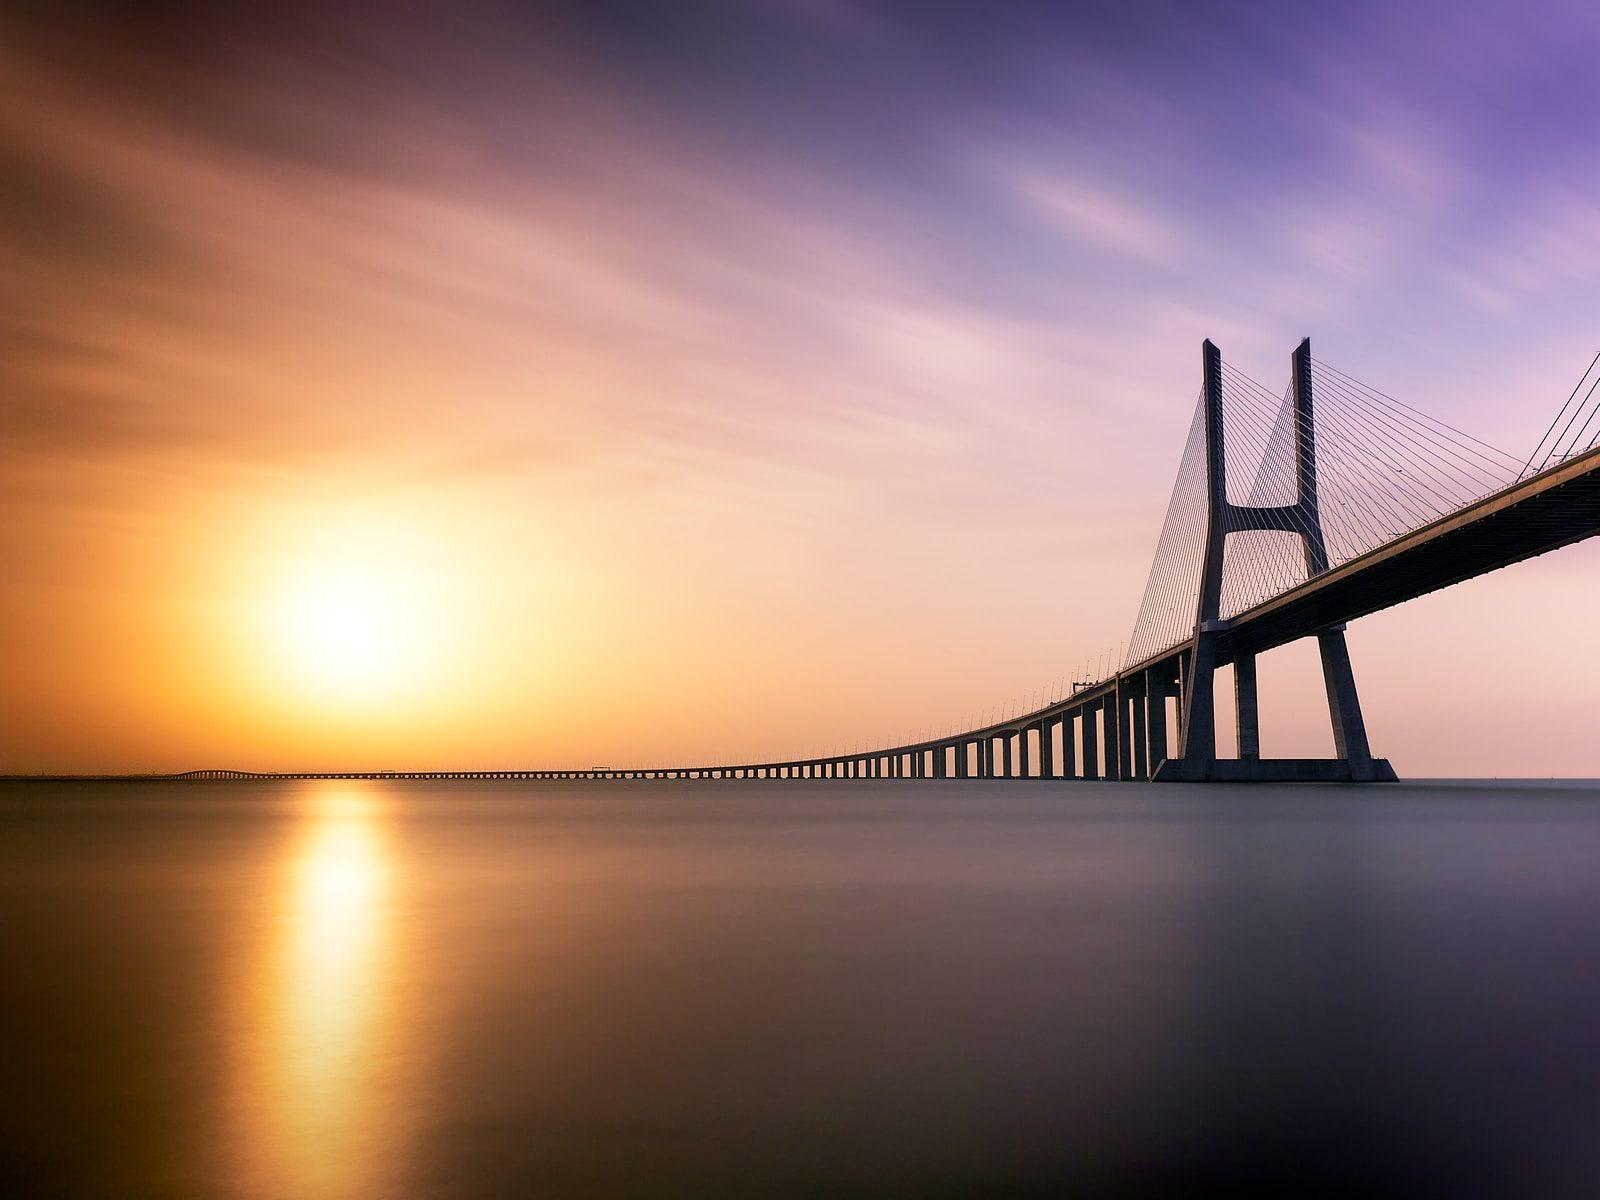 brown concrete bridge during daytime